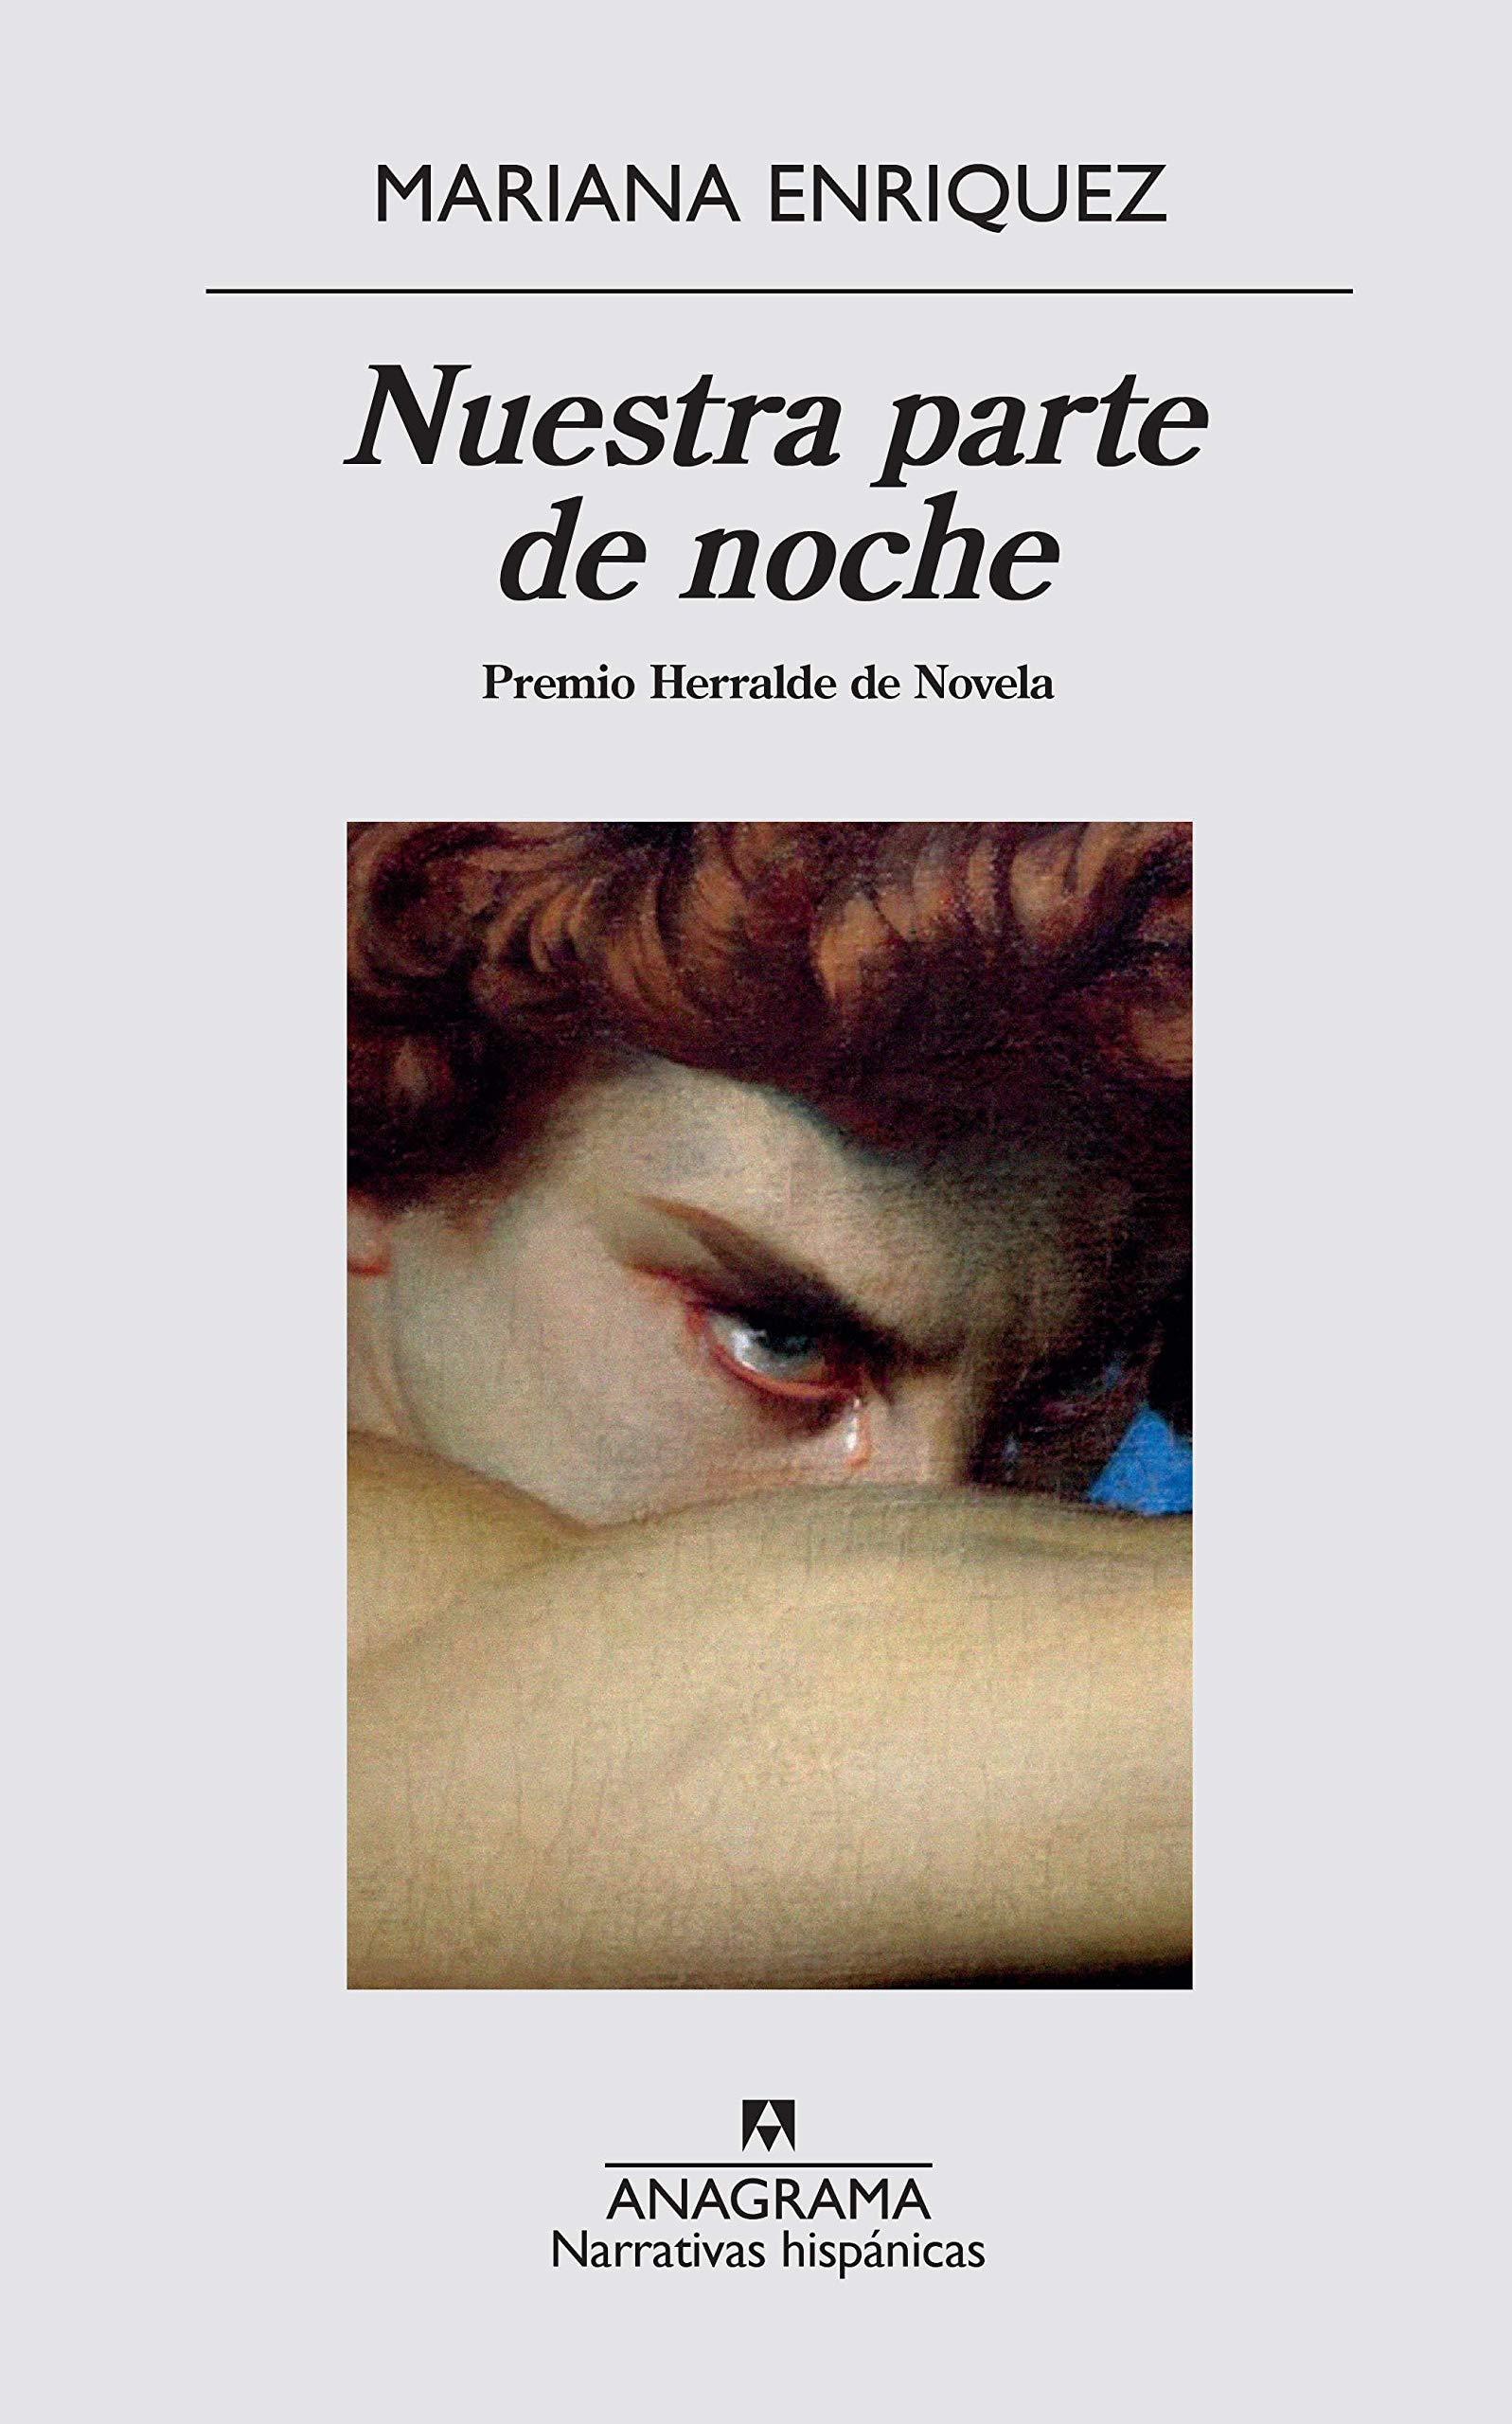 Nuestra parte de noche, de Mariana Enríquez